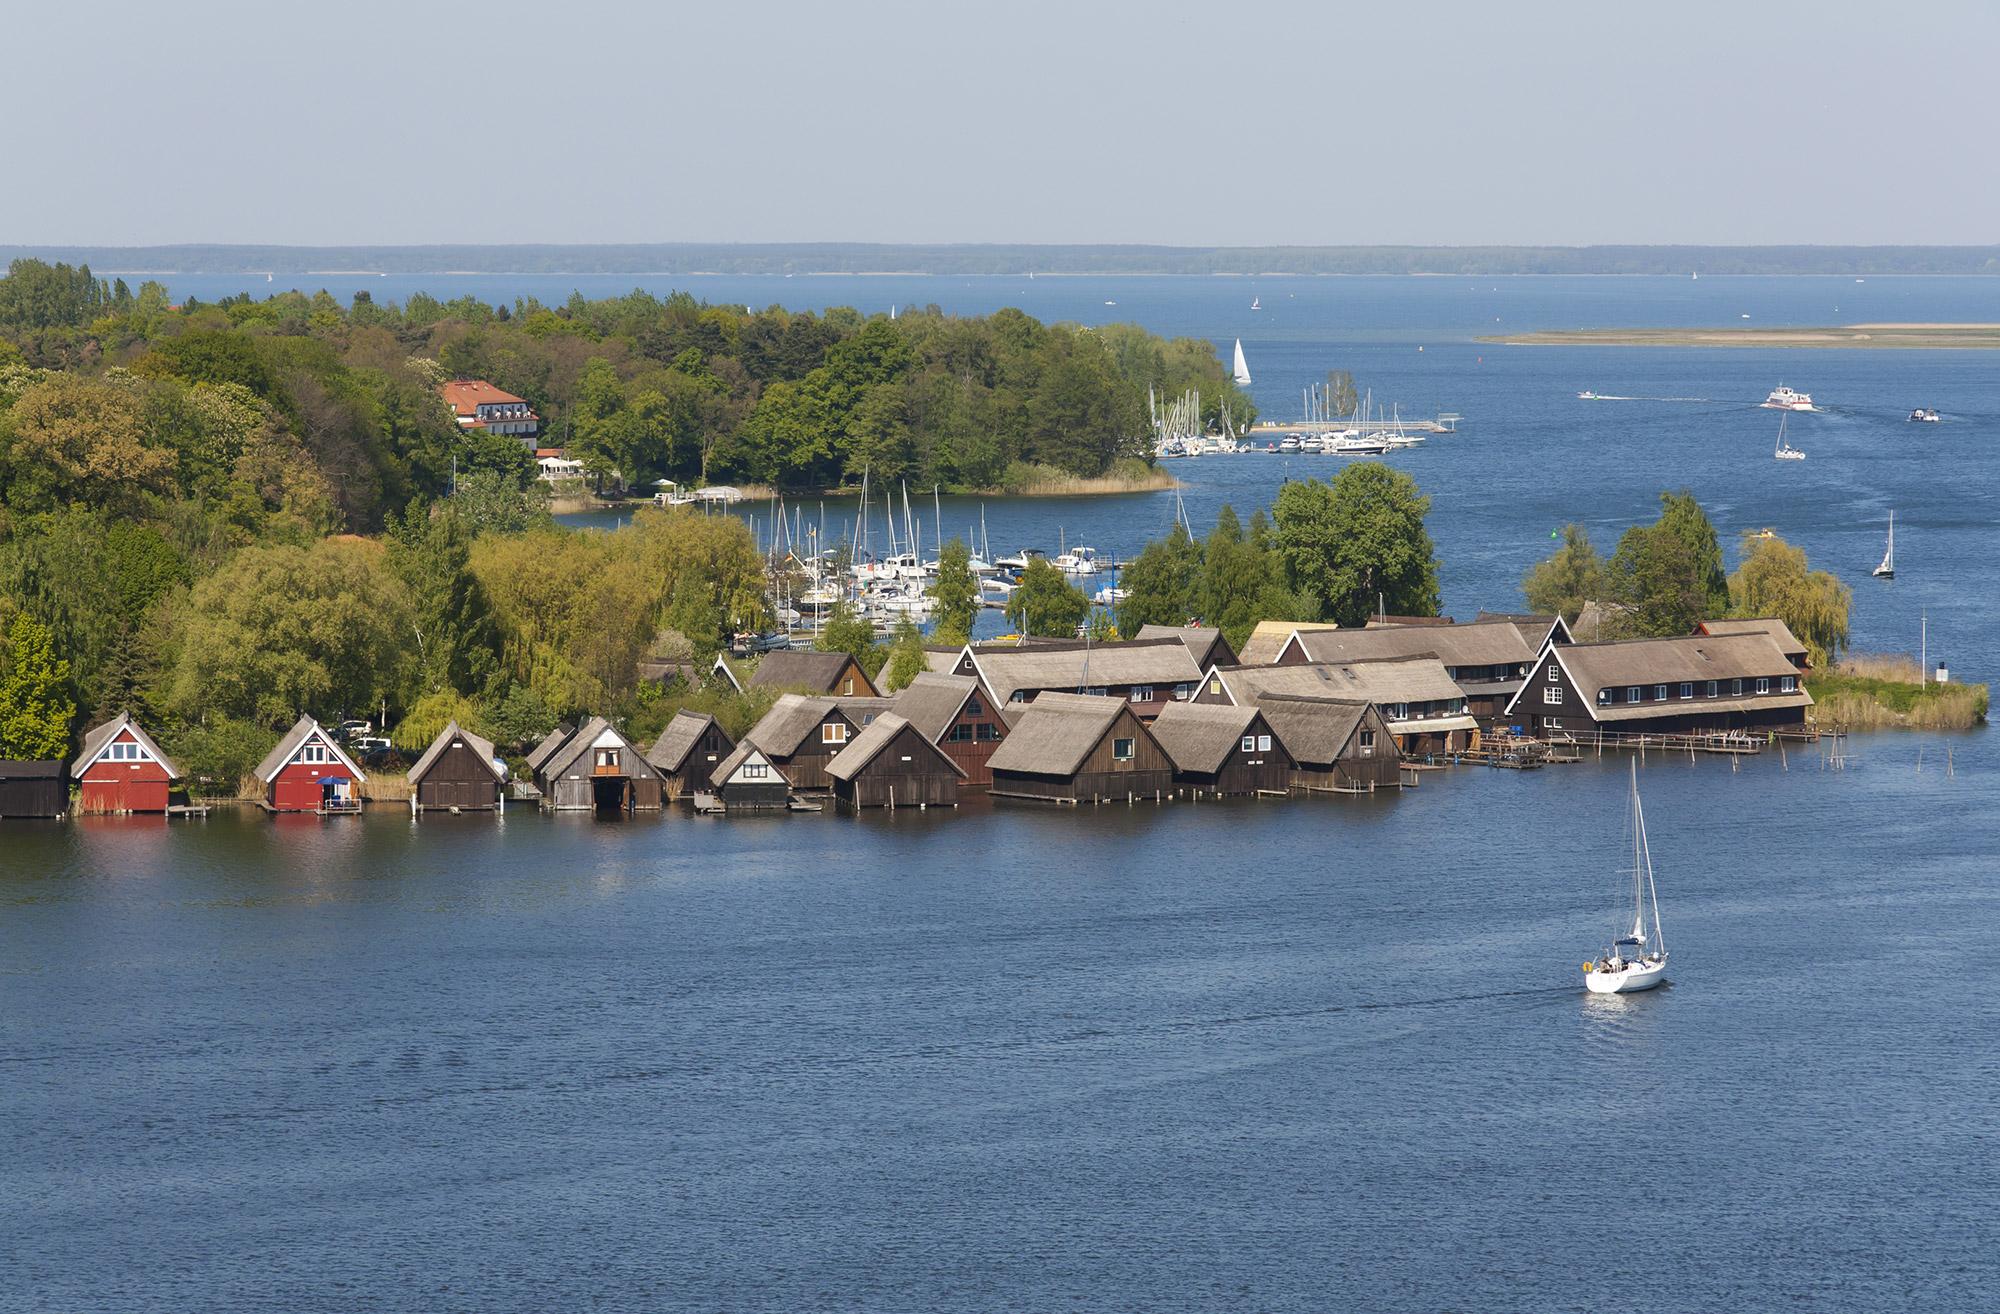 Hangars à bateaux en bord de lac